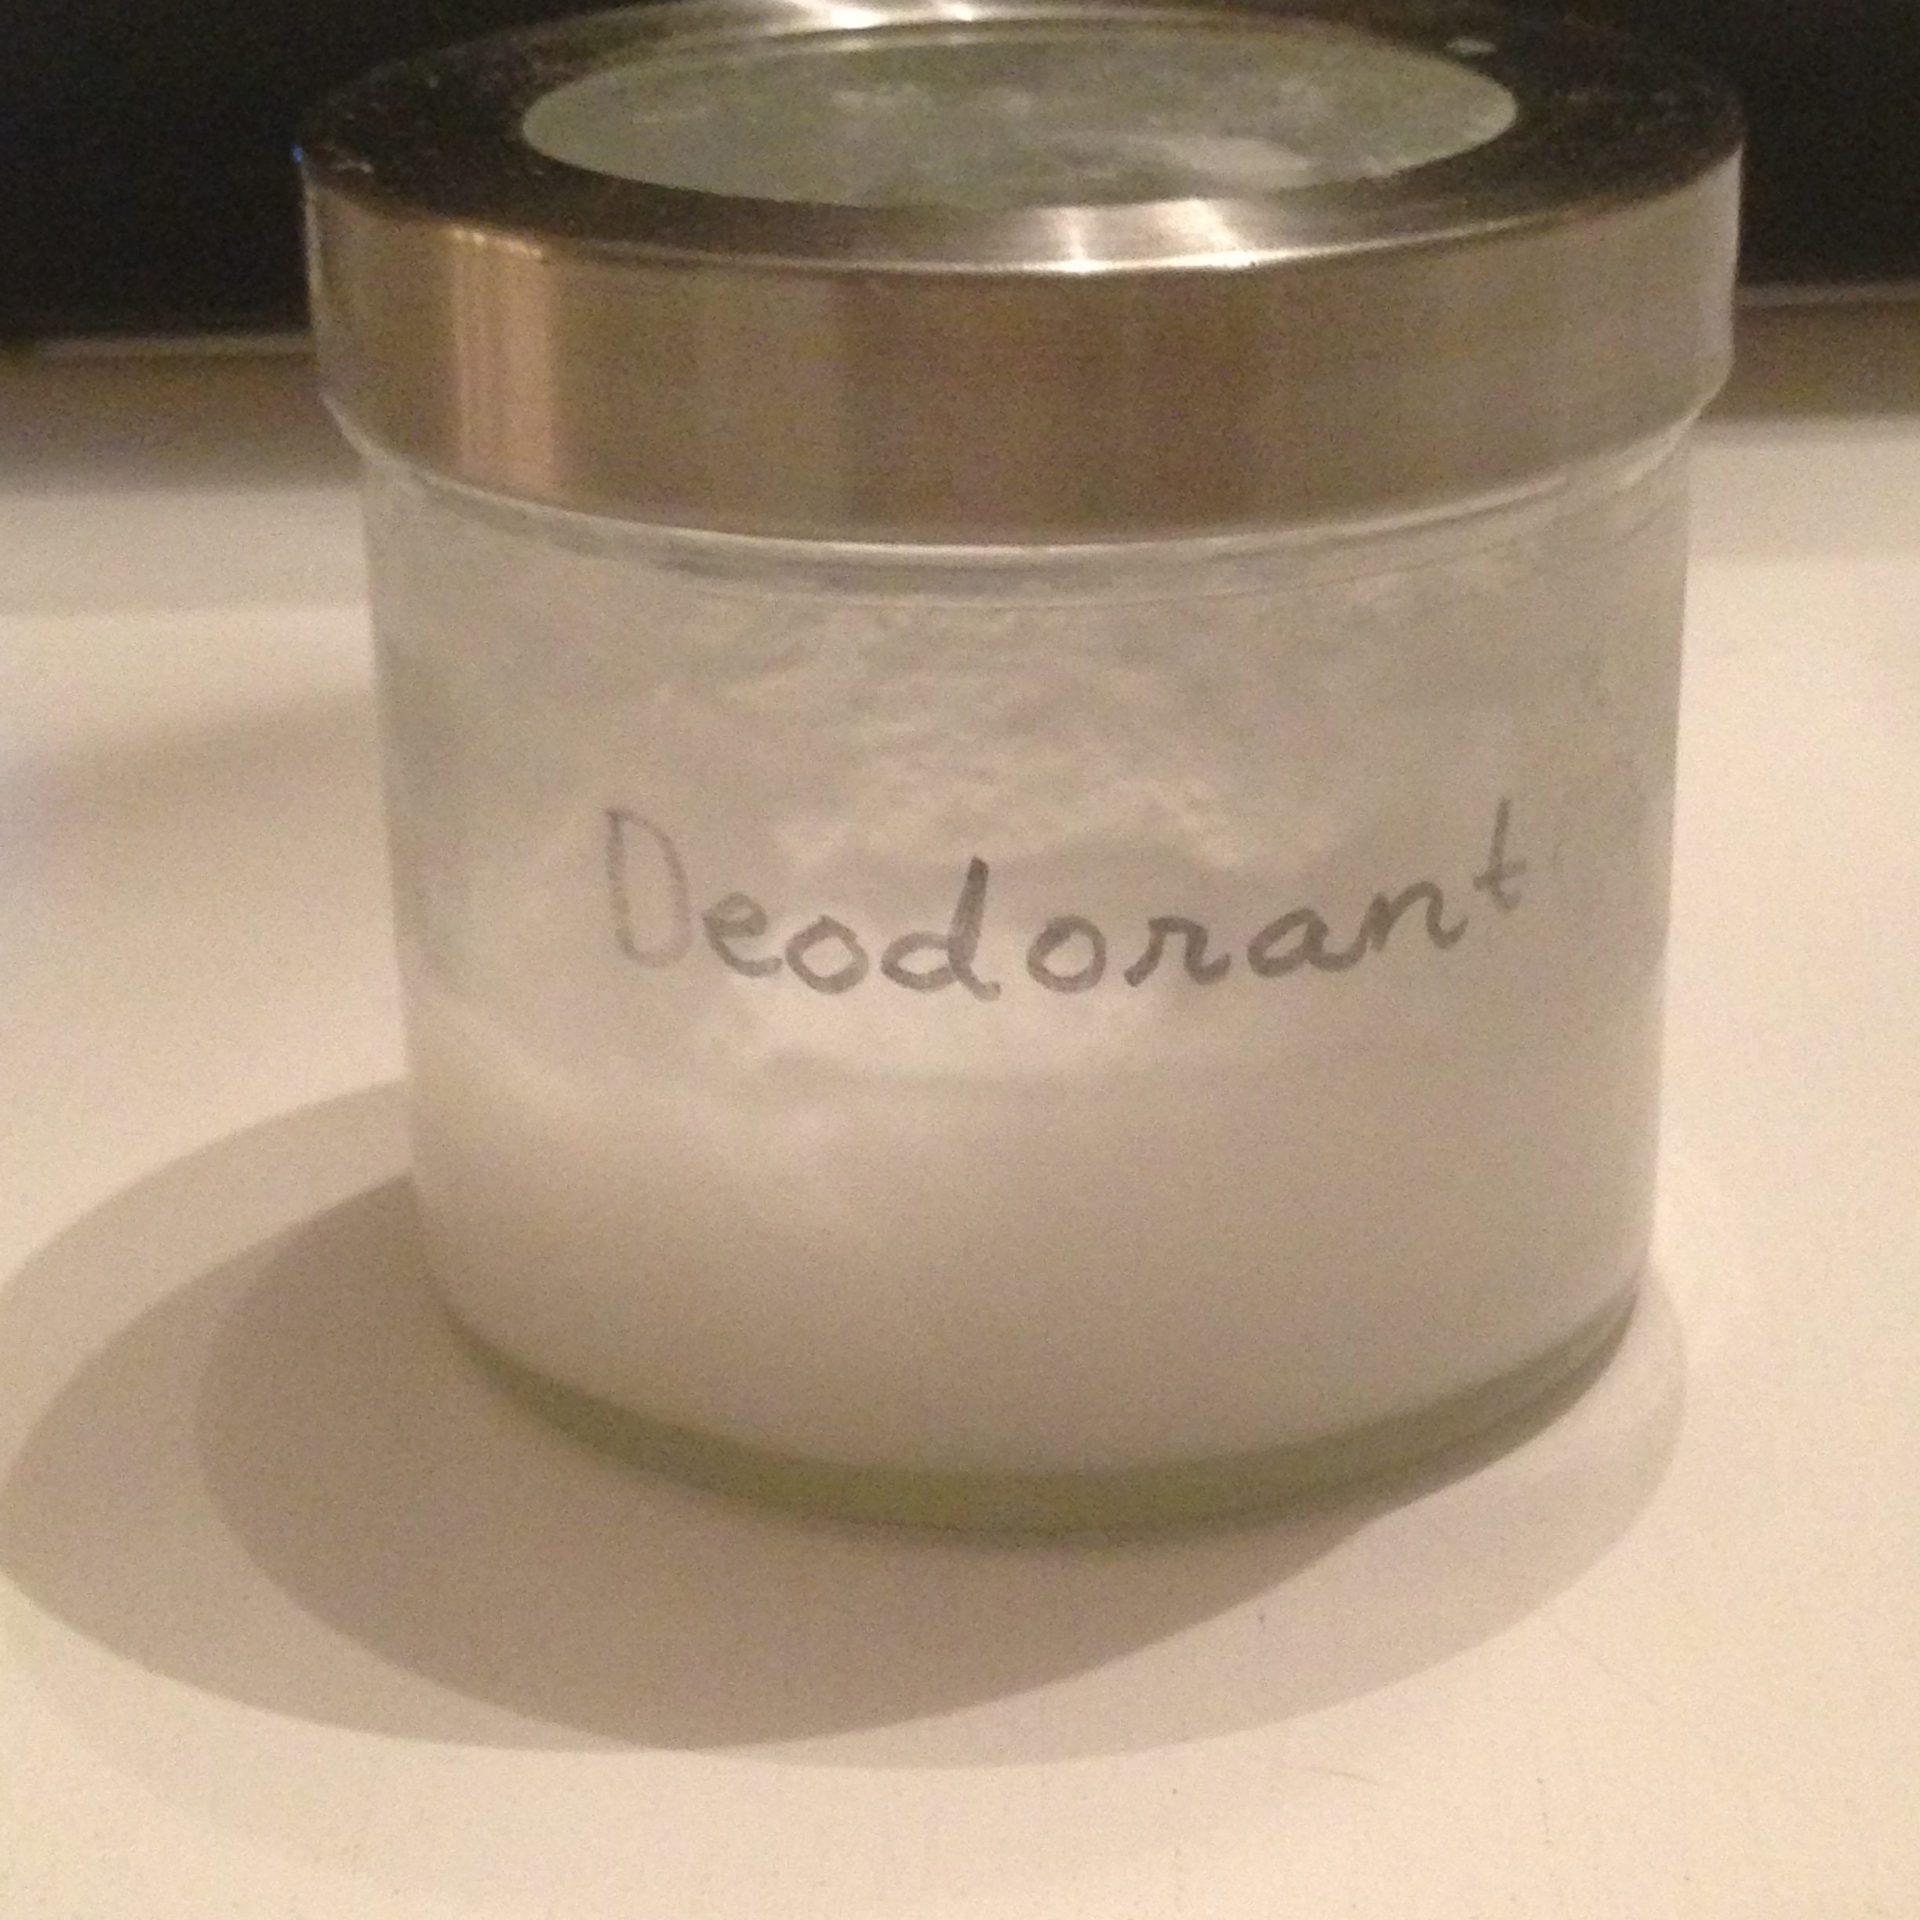 Gör egen giftfri deodorant